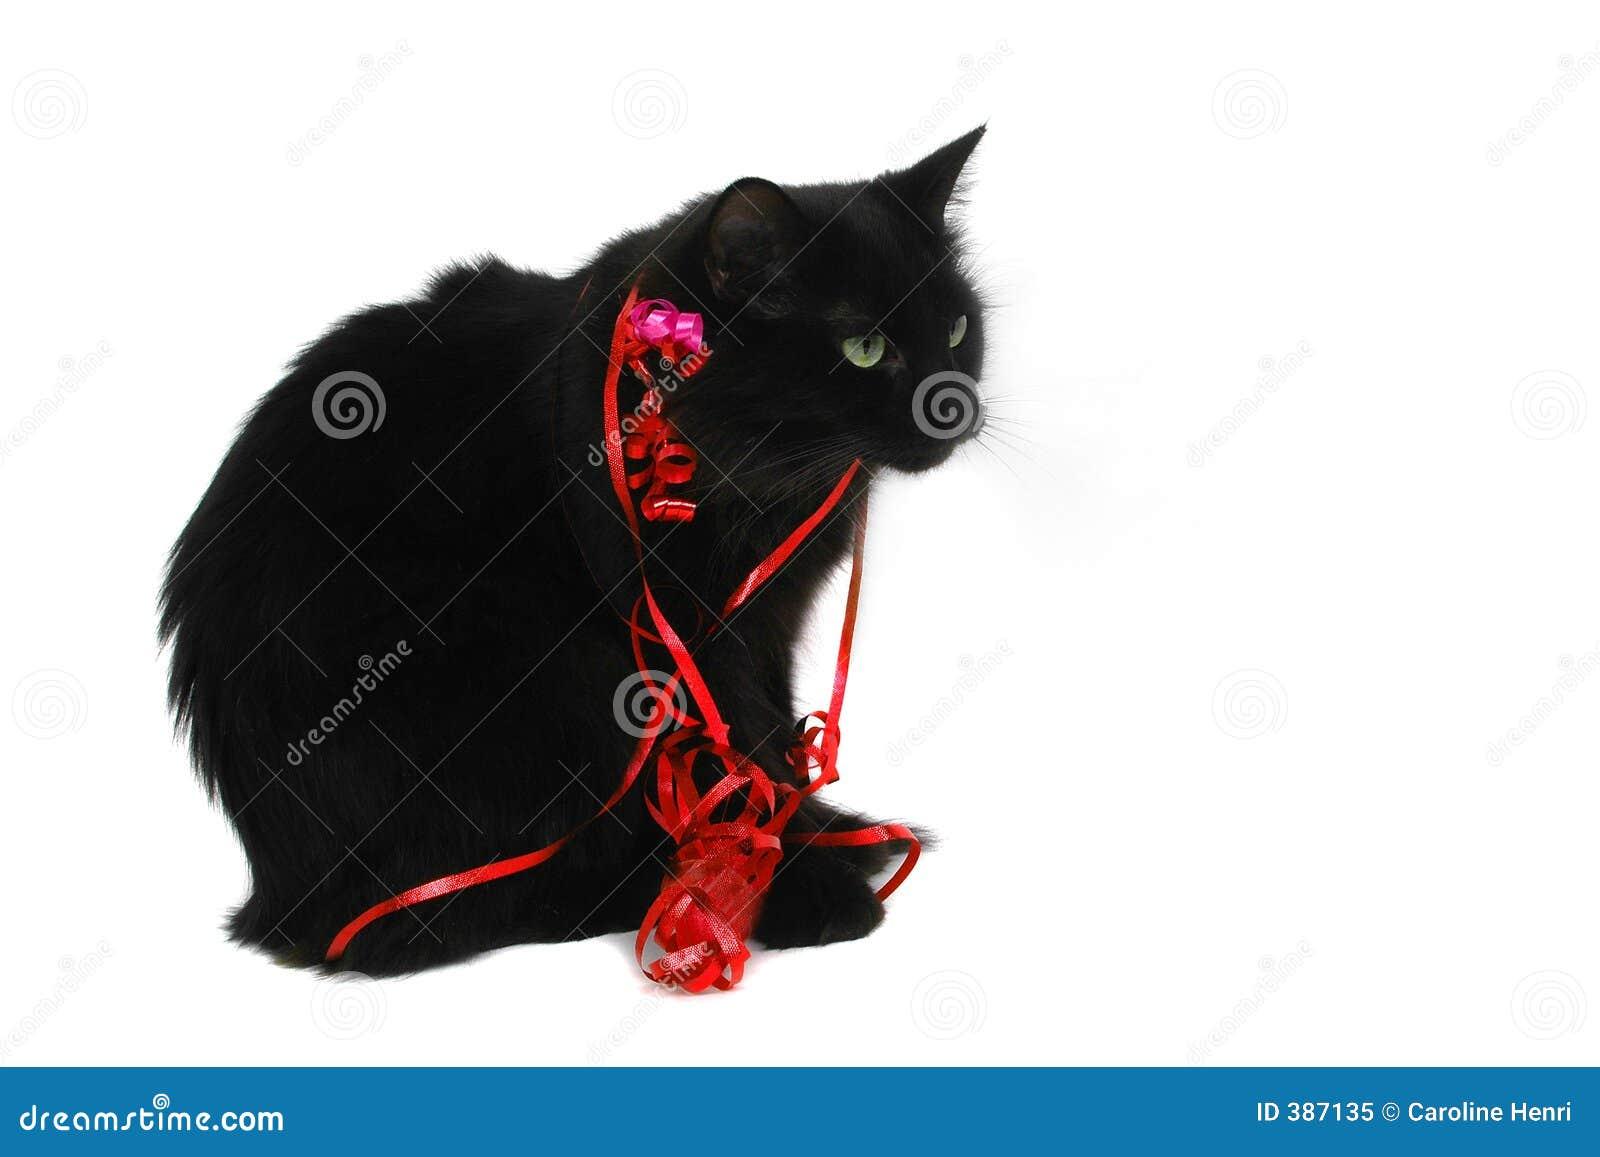 Футболка Черная кошка купить в Москве: цены 95